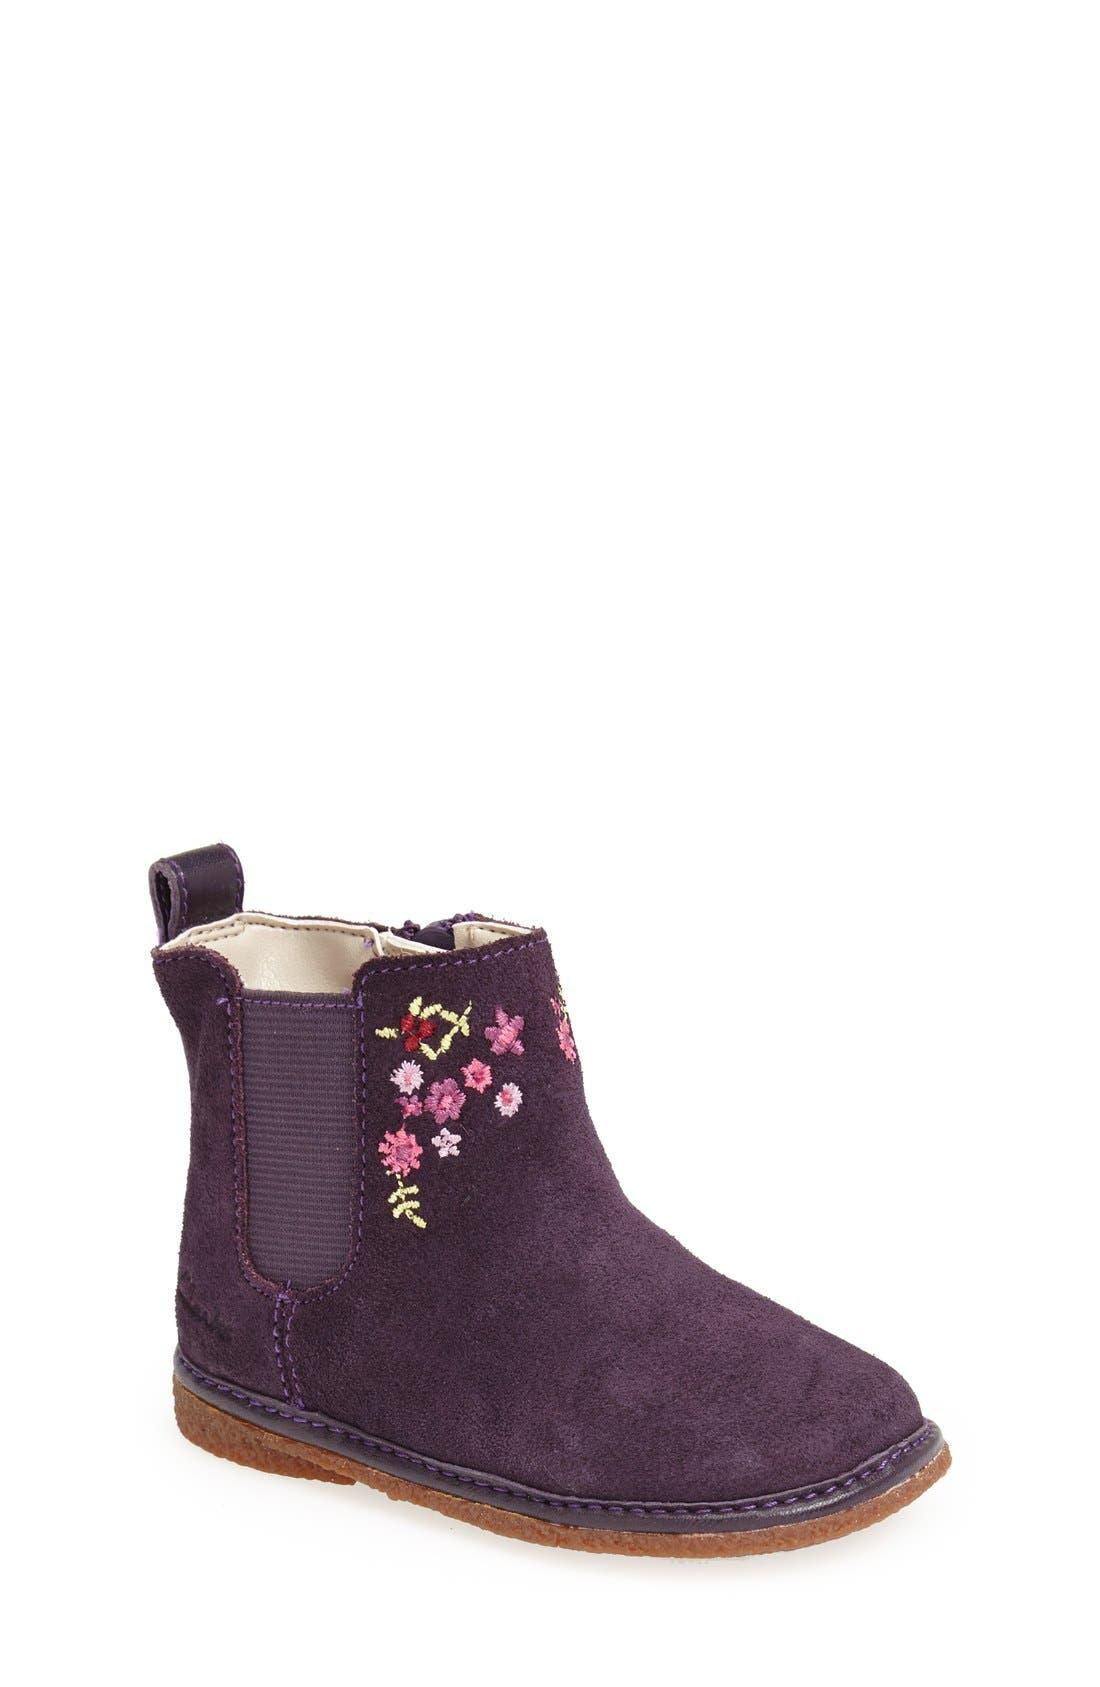 'Flora West' Chelsea Boot,                             Main thumbnail 1, color,                             503